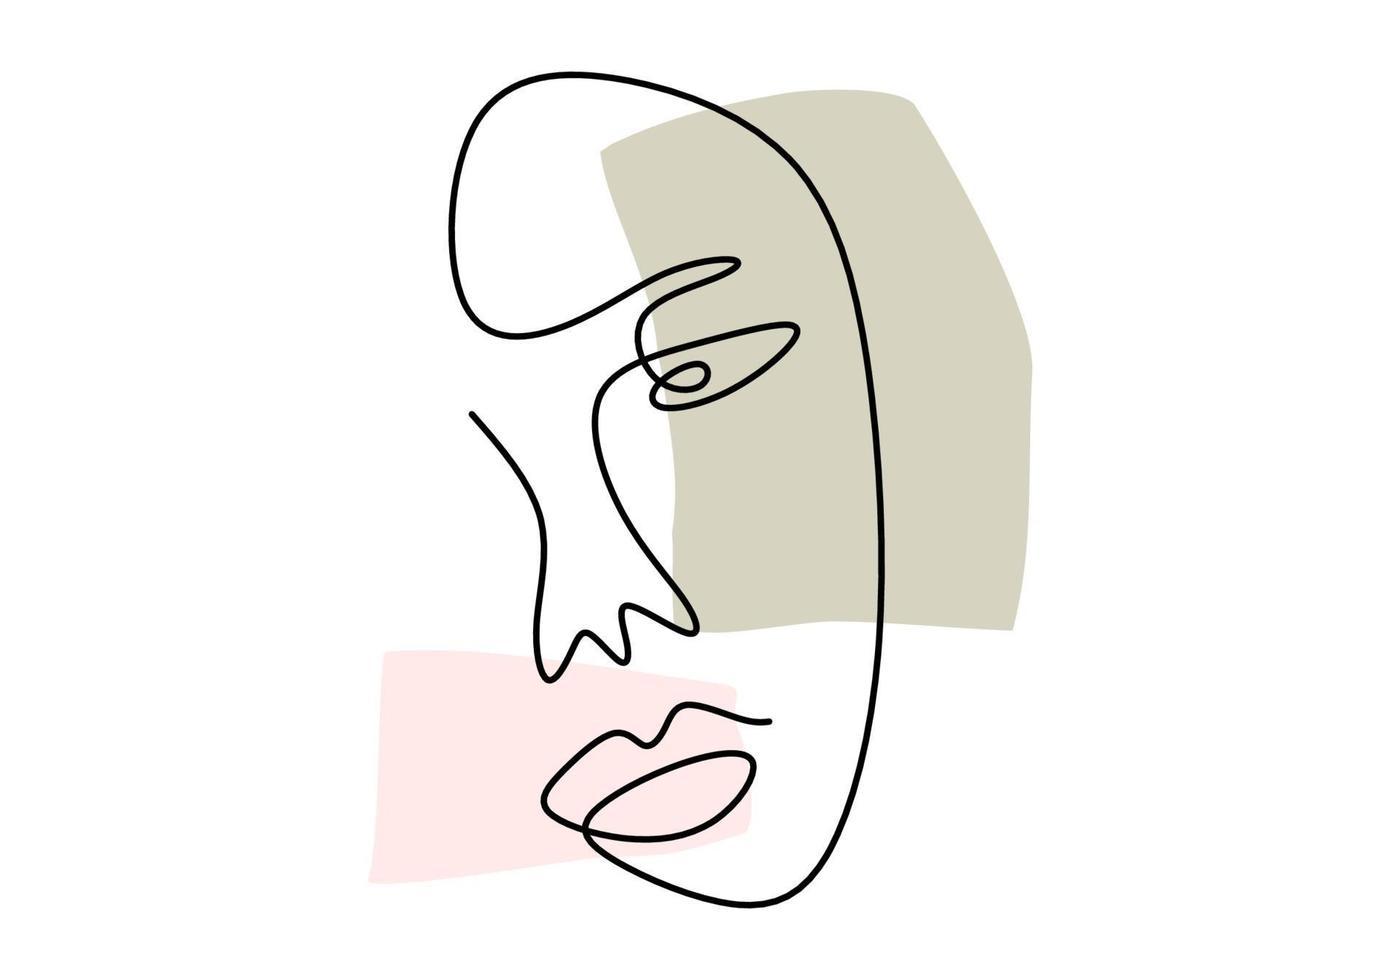 kontinuerlig linje, ritning av ansikten, mode minimalistisk koncept, vektorillustration. kvinna abstrakt ansikte handritad isolerad på vit bakgrund. porträtt en kvinna i modern abstrakt stil vektor